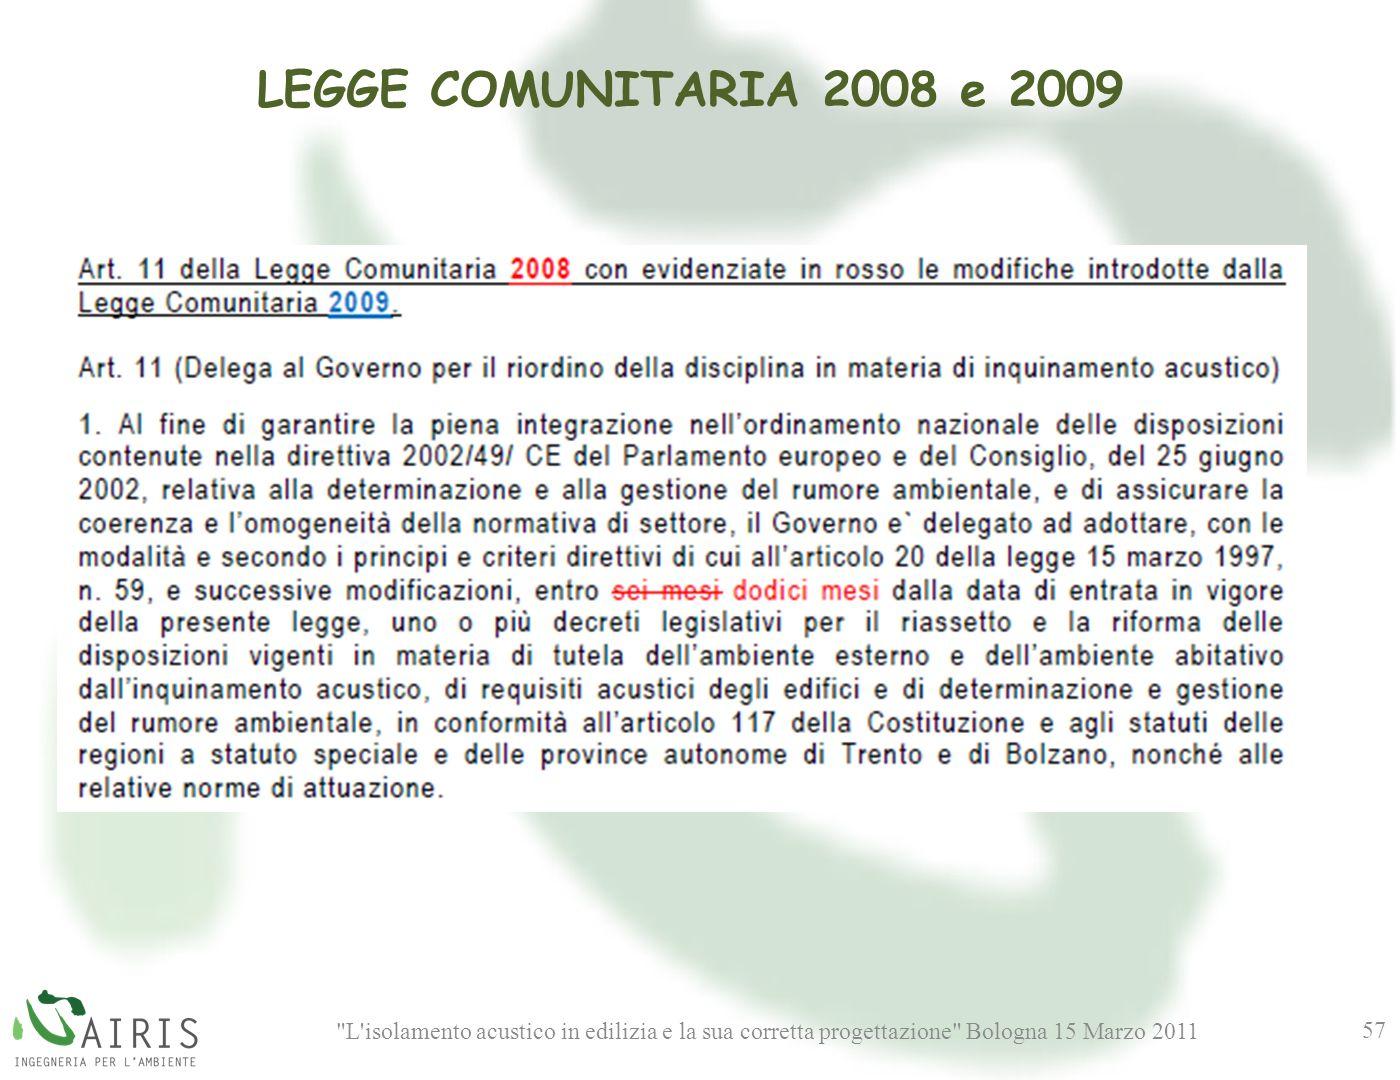 L isolamento acustico in edilizia e la sua corretta progettazione Bologna 15 Marzo 2011 57 LEGGE COMUNITARIA 2008 e 2009